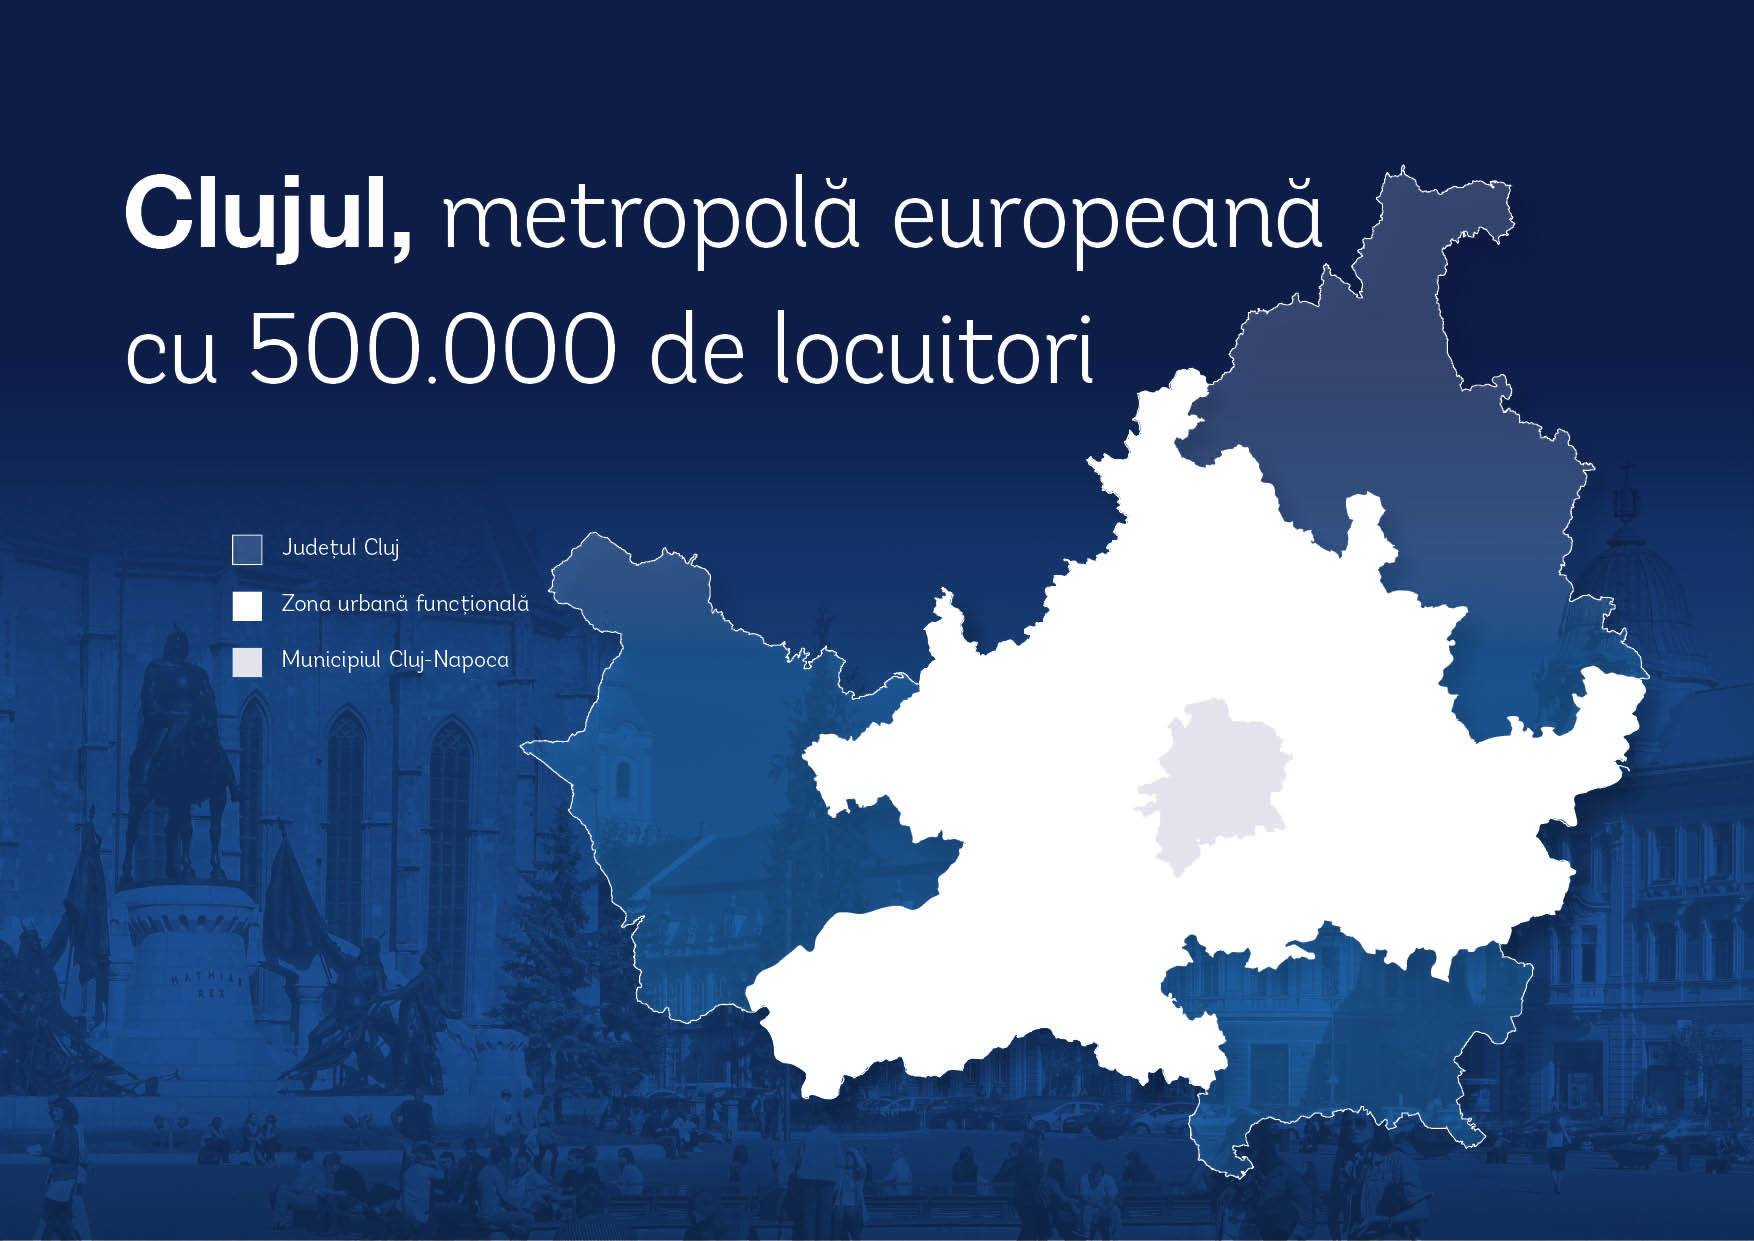 Clujul, metropolă europeană cu 500.000 de locuitori în 2030.